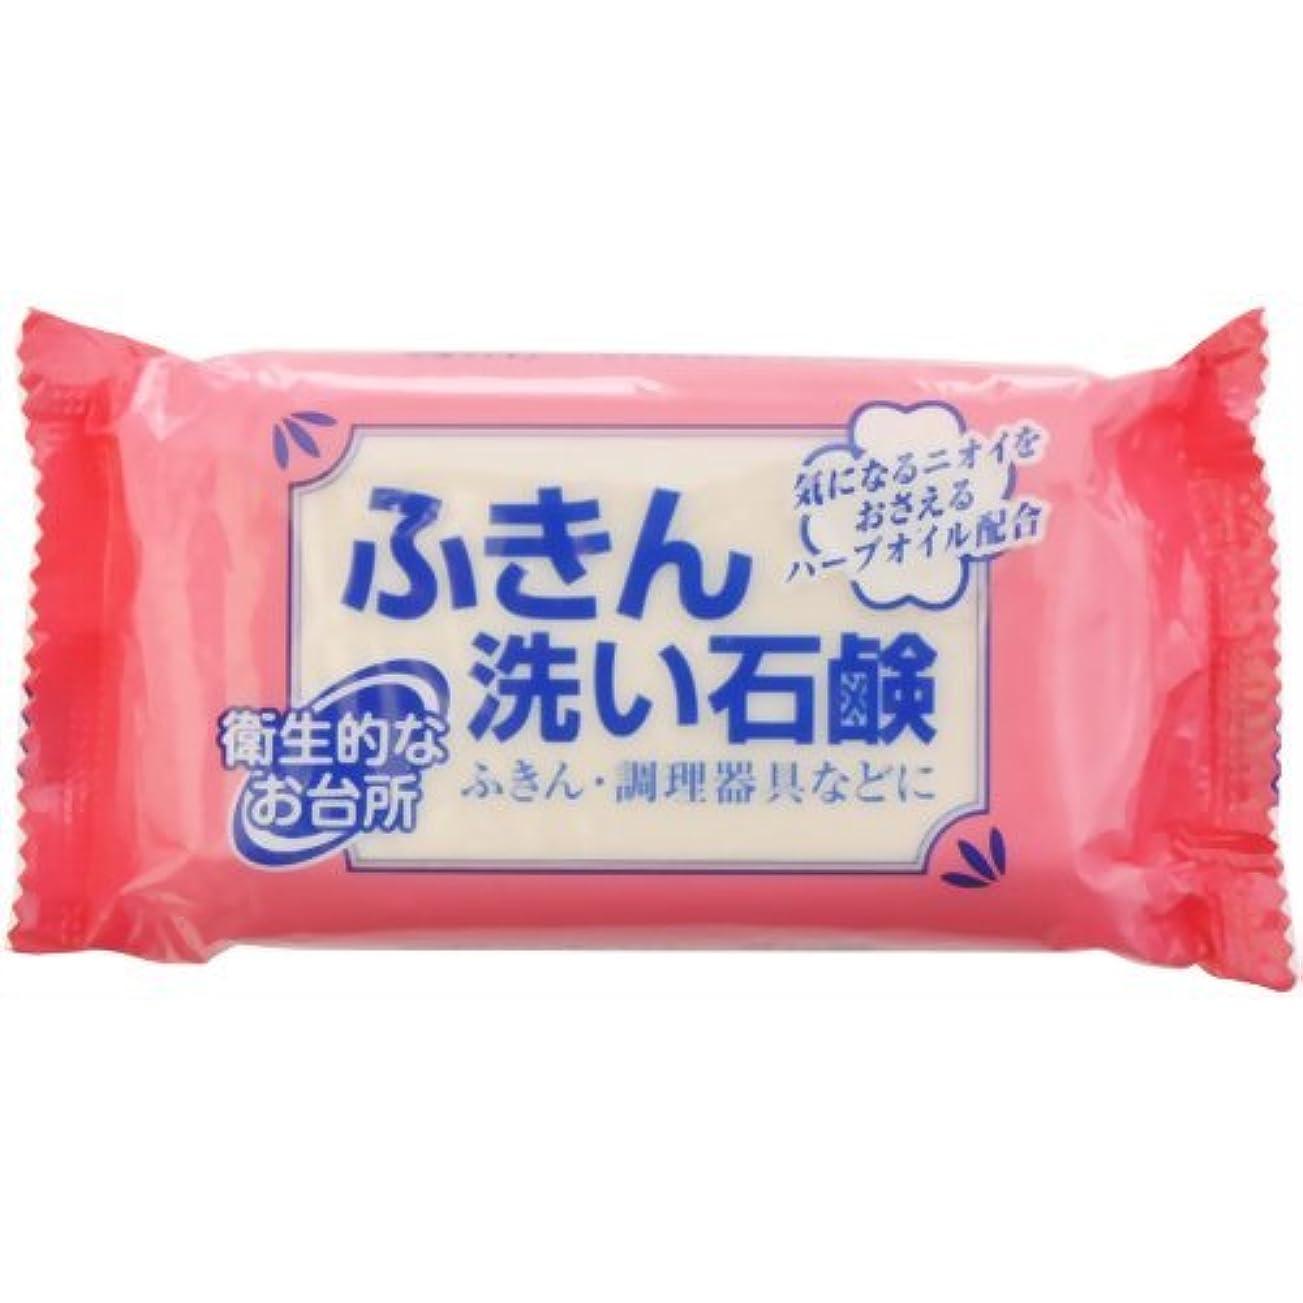 精査田舎論争ふきん洗い石鹸 135g